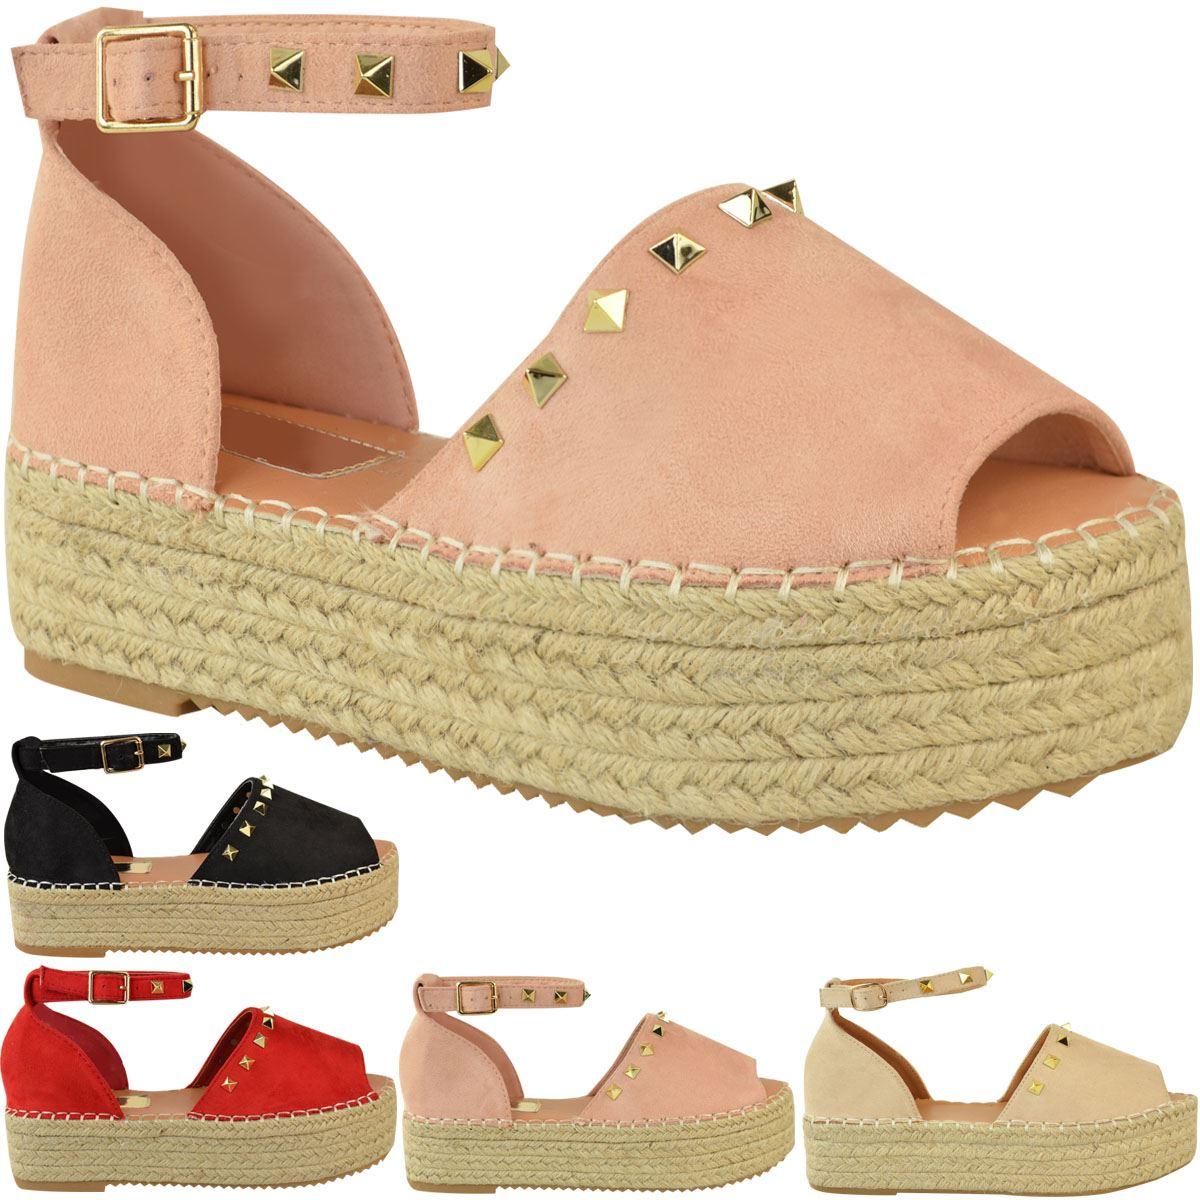 Womens-Ladies-Flatforms-Sandals-Studded-Embellished-Summer-Platforms-Shoes-Size